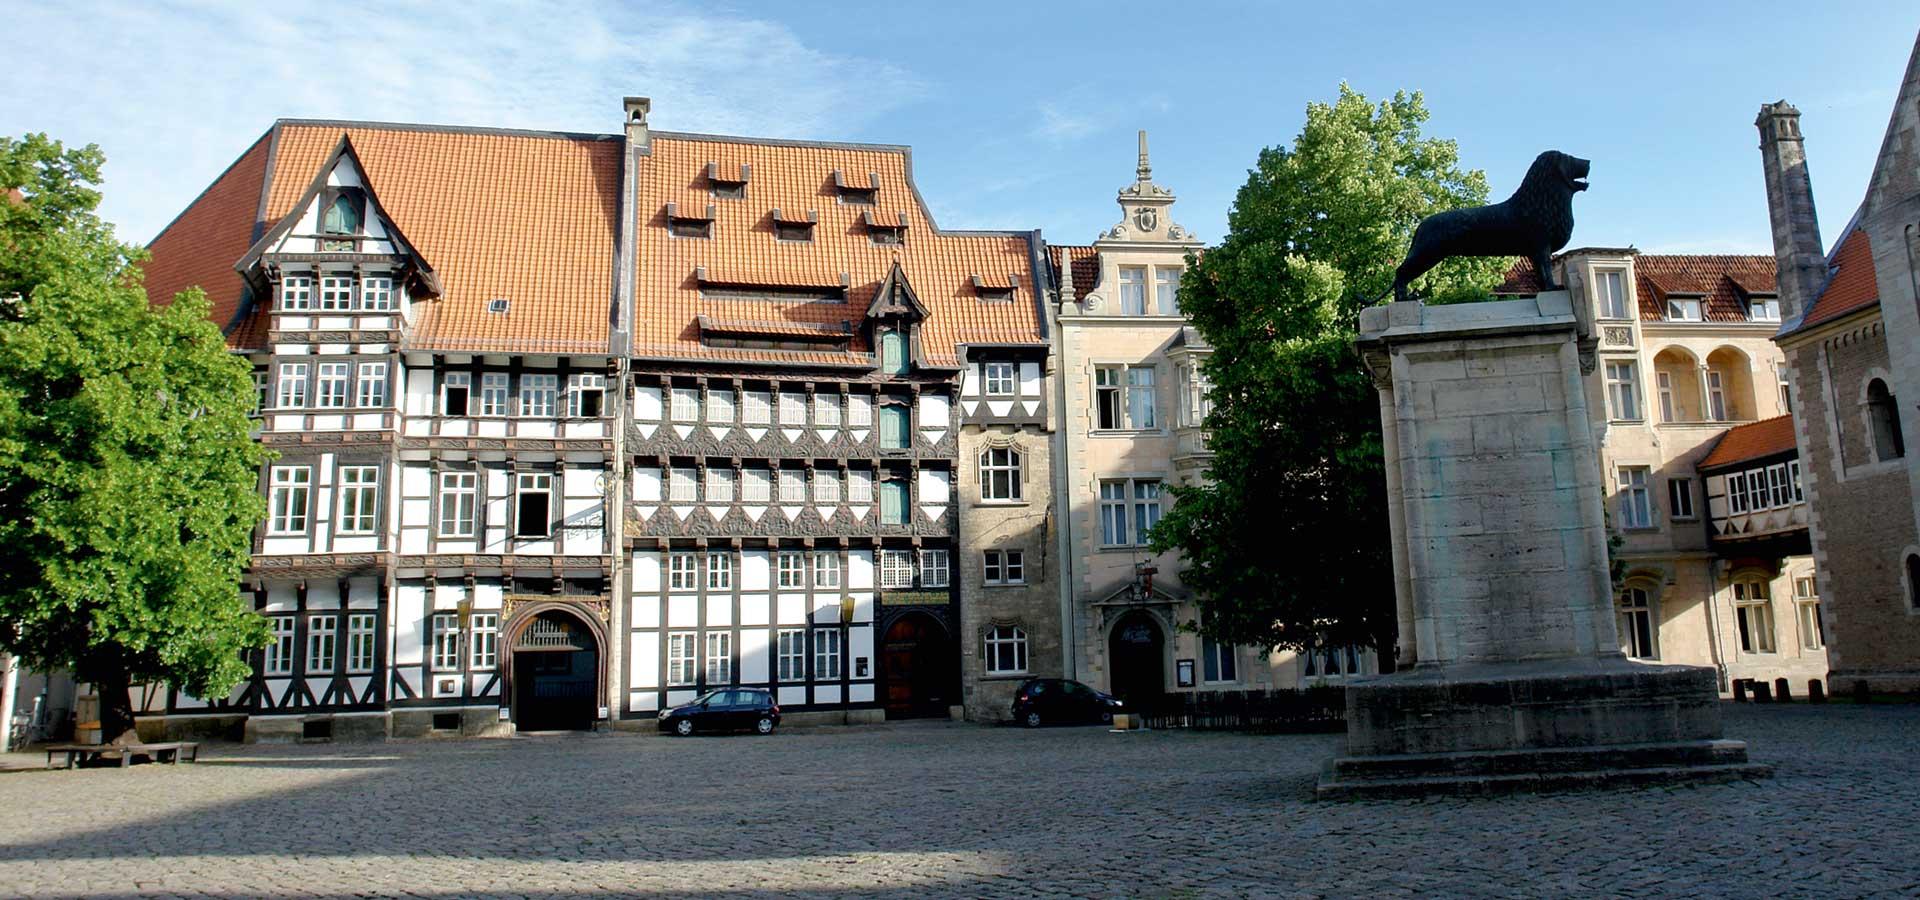 Hotel Deutsches Haus in Braunschweig